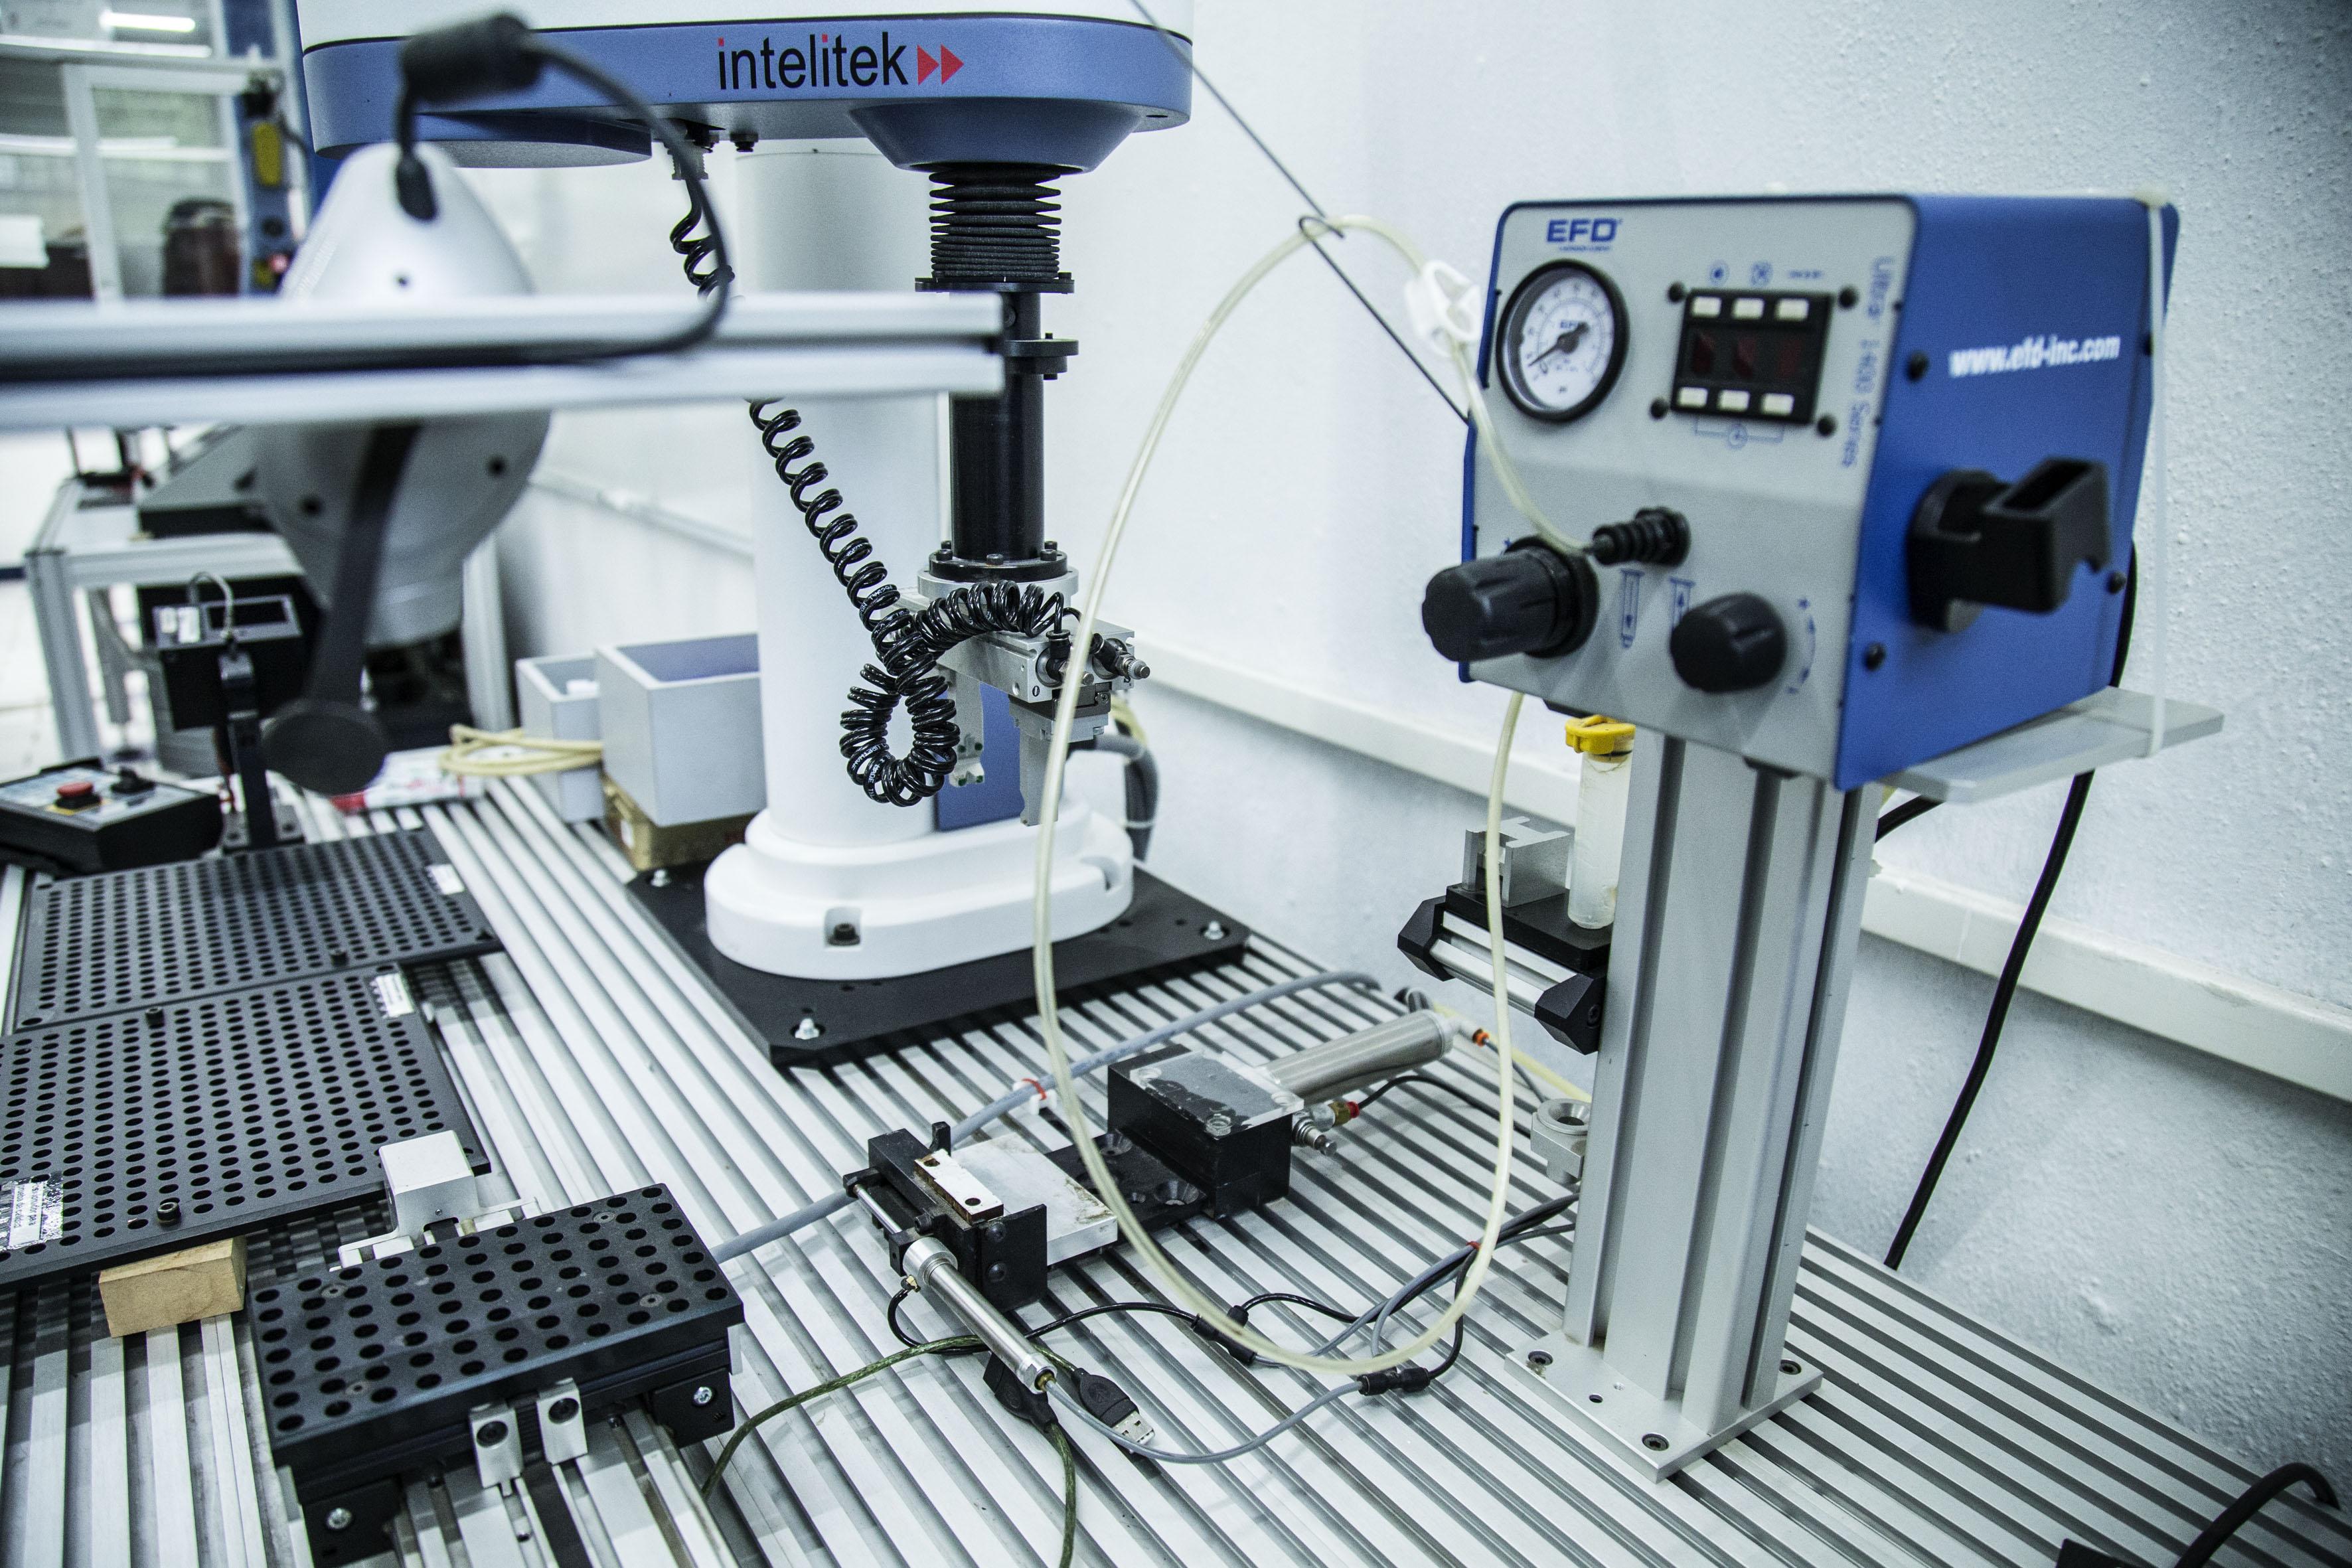 Laboratorio de equipo tecnológico e industrial.